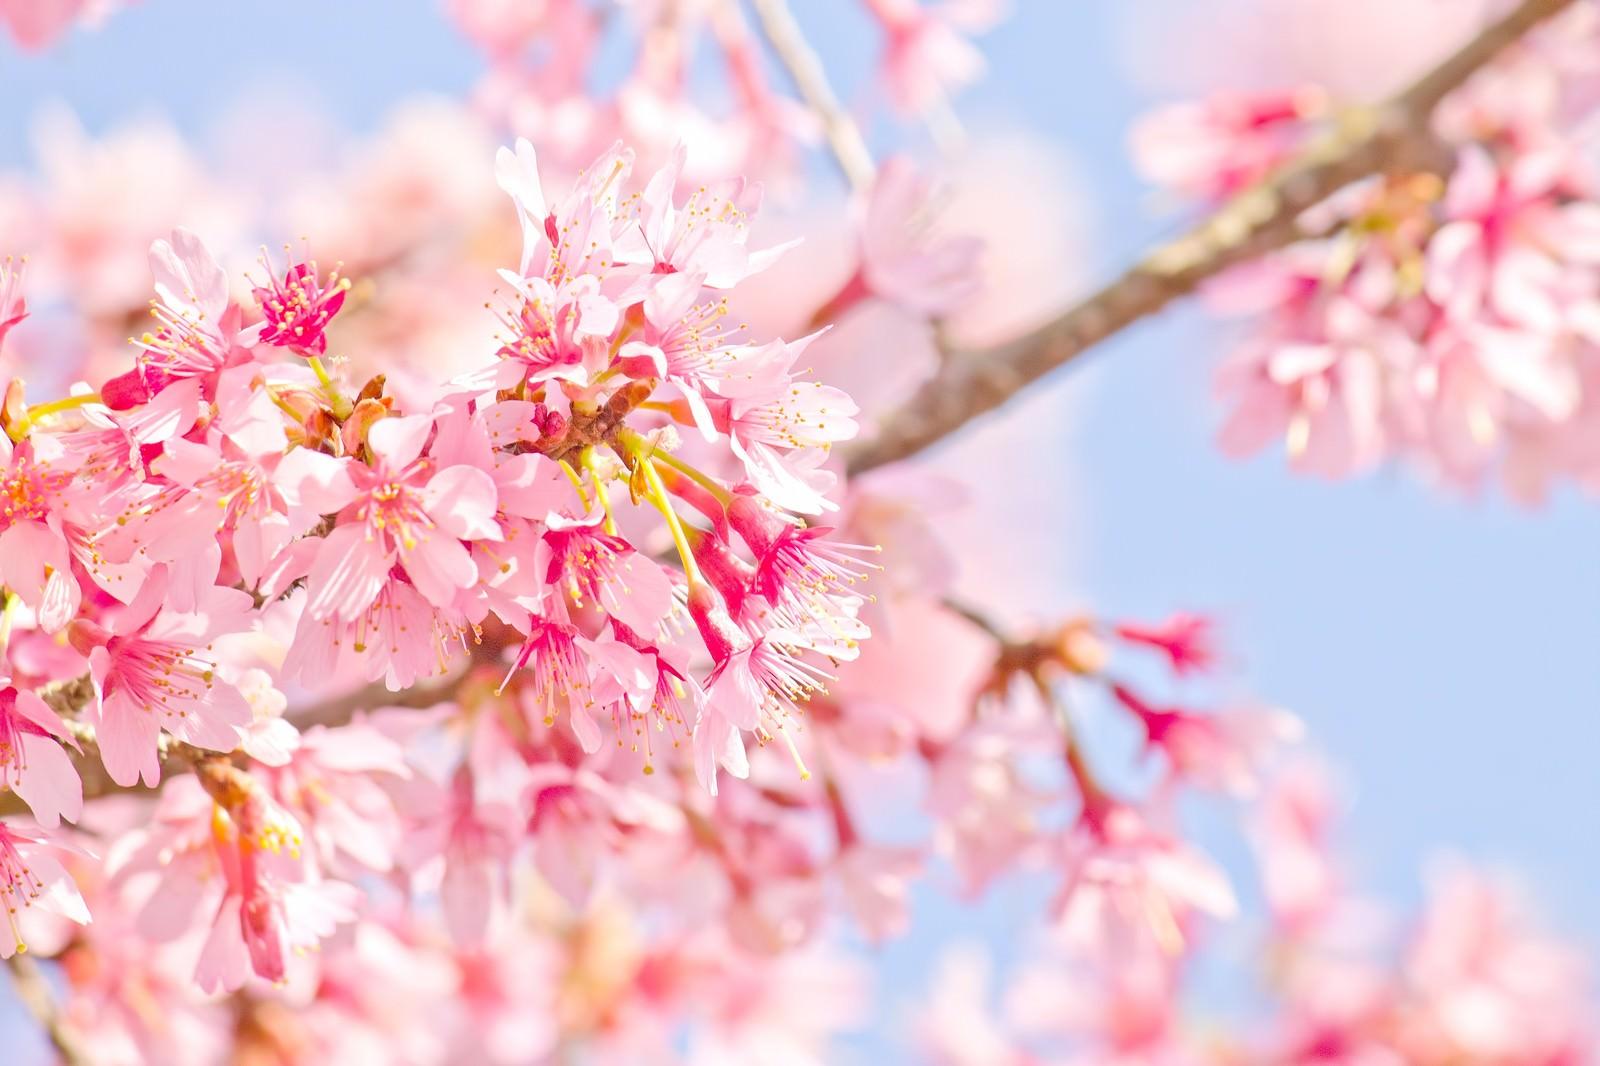 「ピンク色の桜のお花」の写真